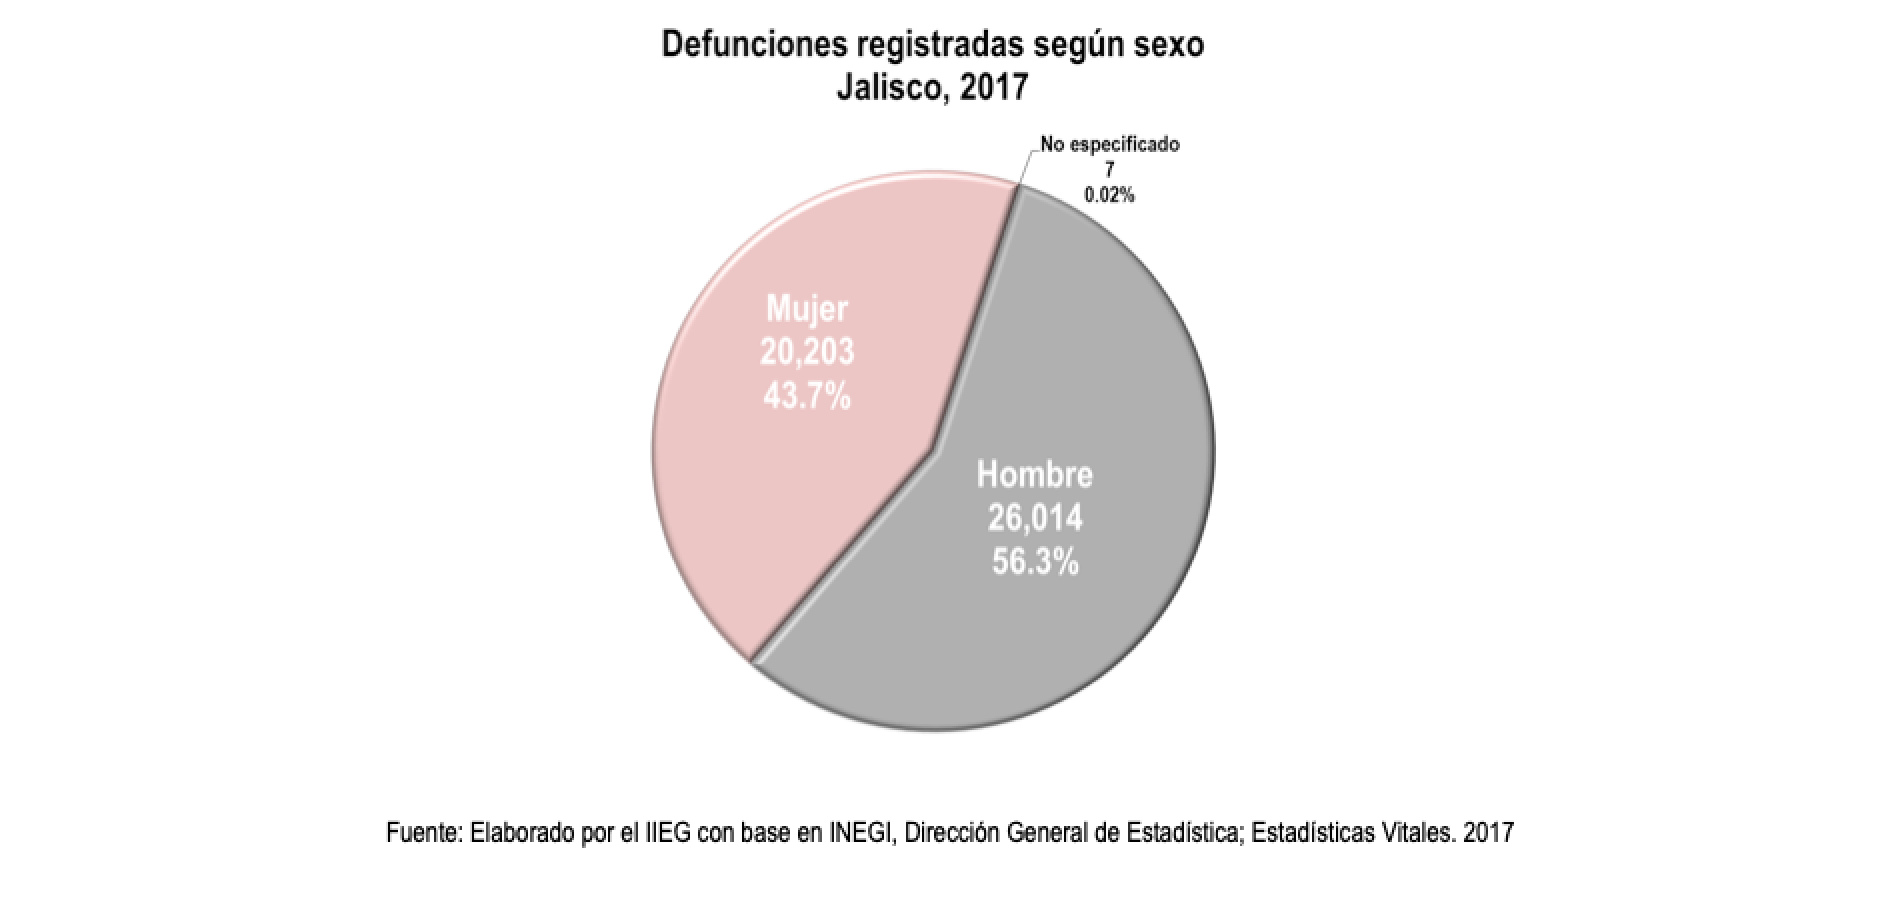 Defunciones registradas según sexo en Jalisco 2017